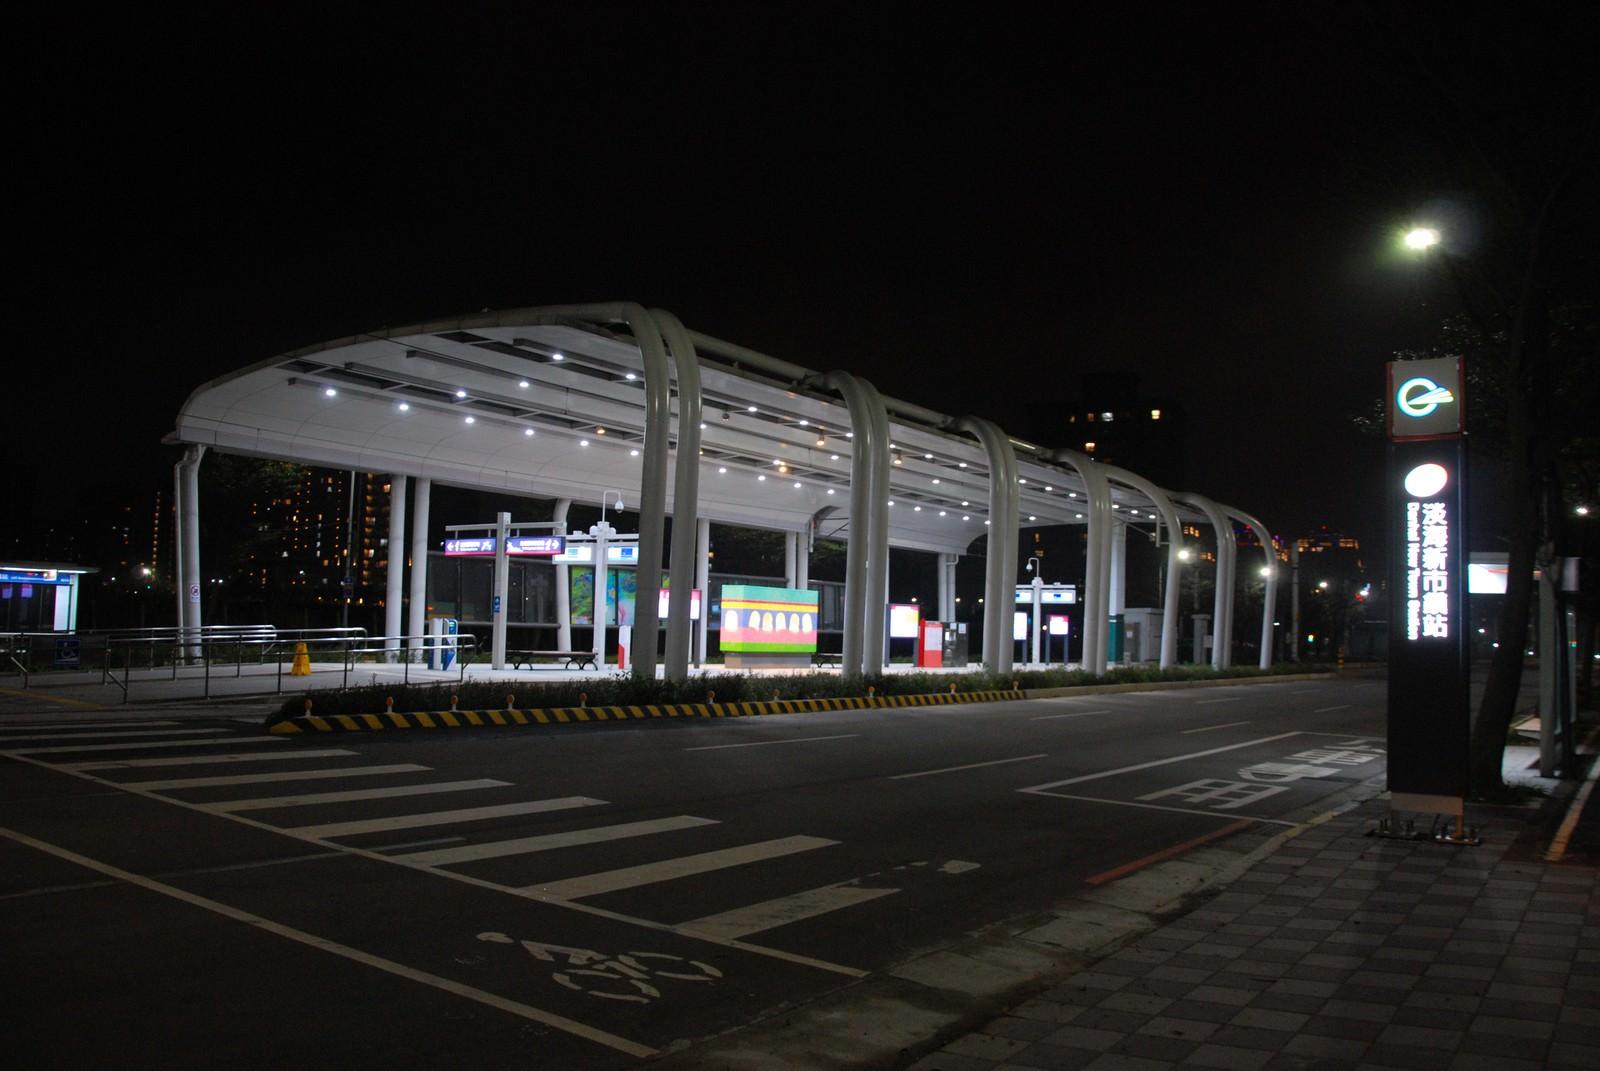 淡海輕軌綠山線, 輕軌淡海新市鎮站, 車站建築主體